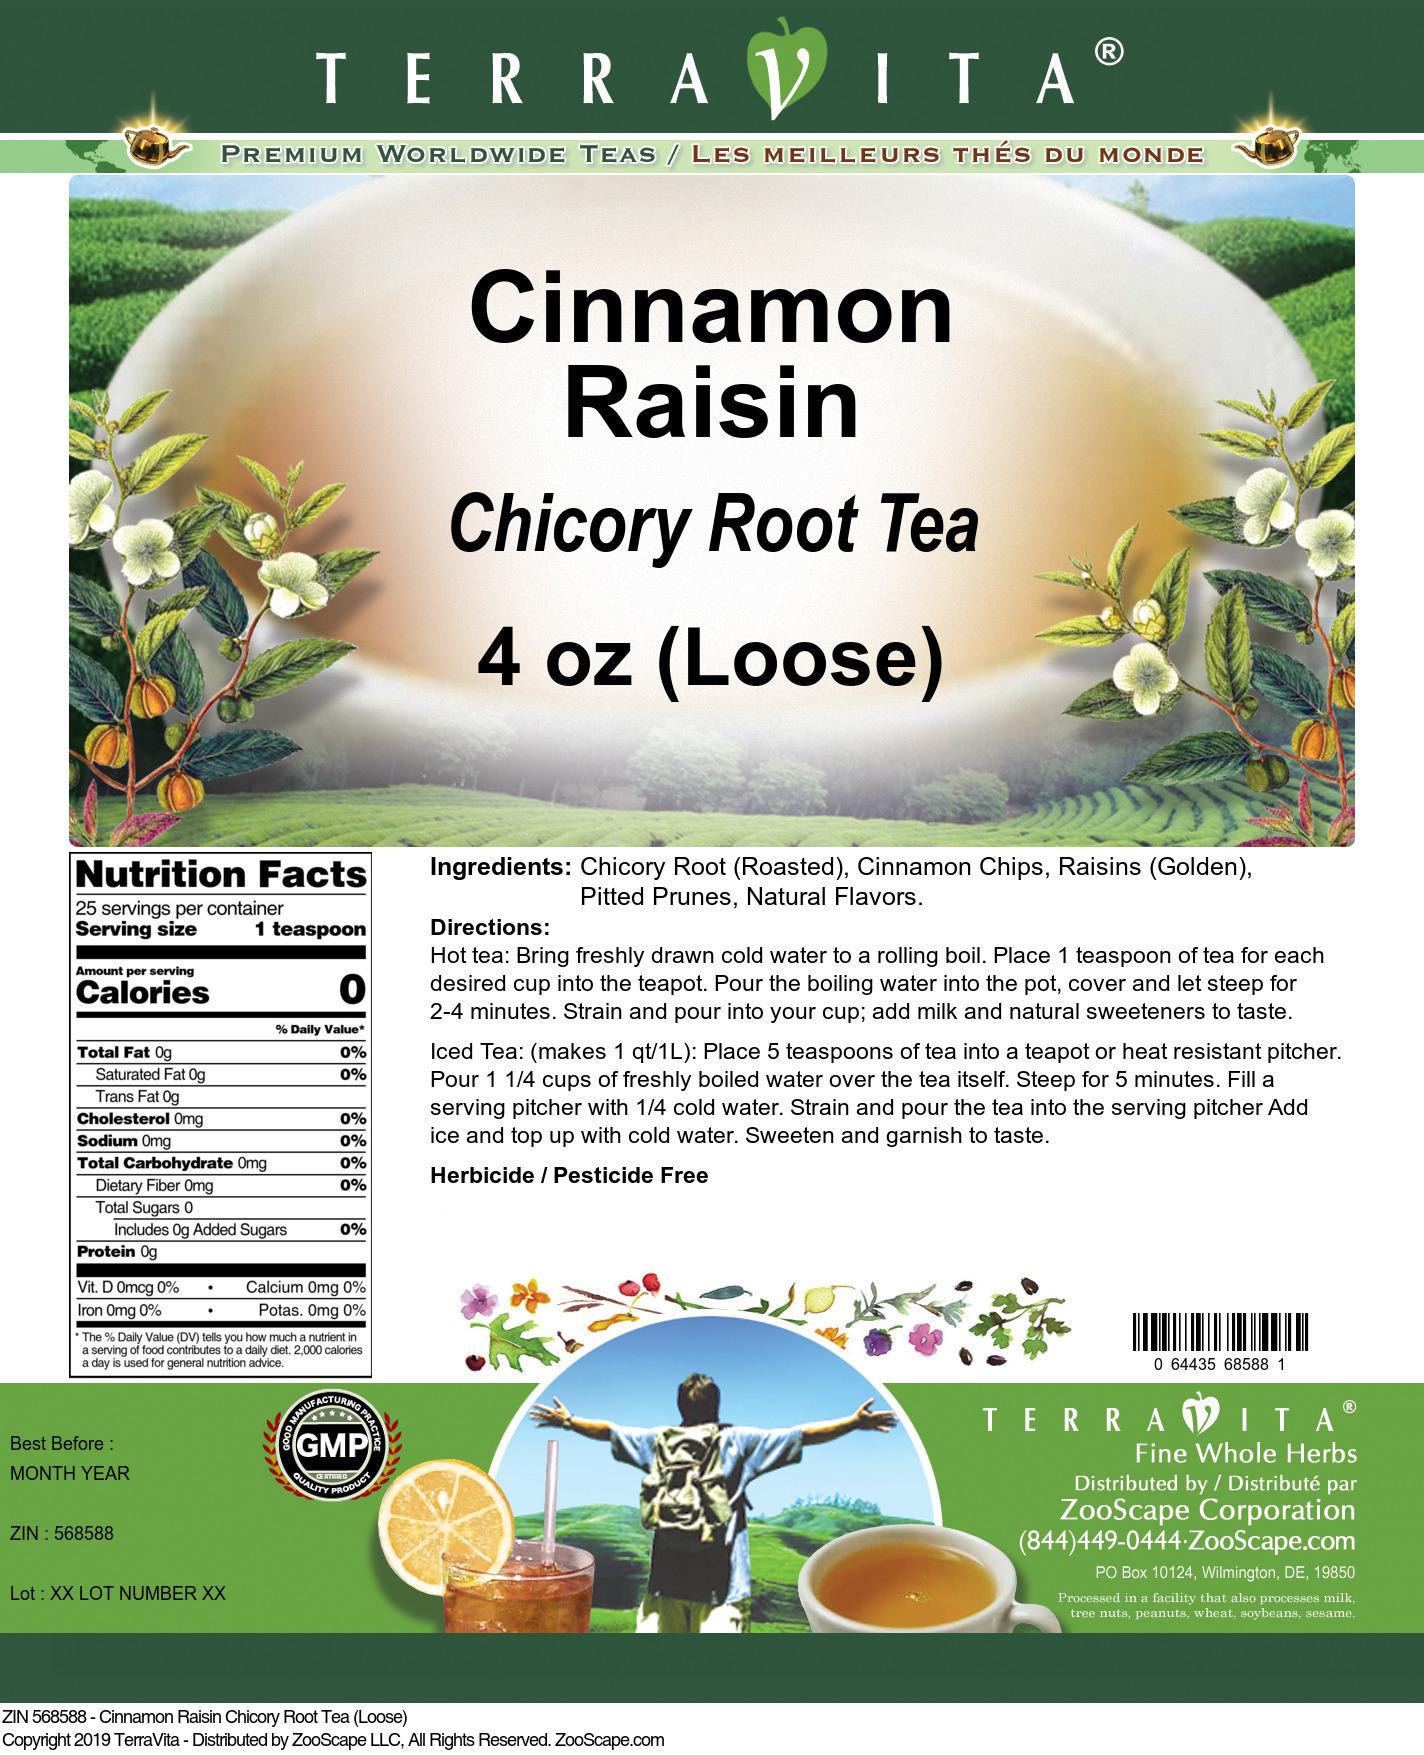 Cinnamon Raisin Chicory Root